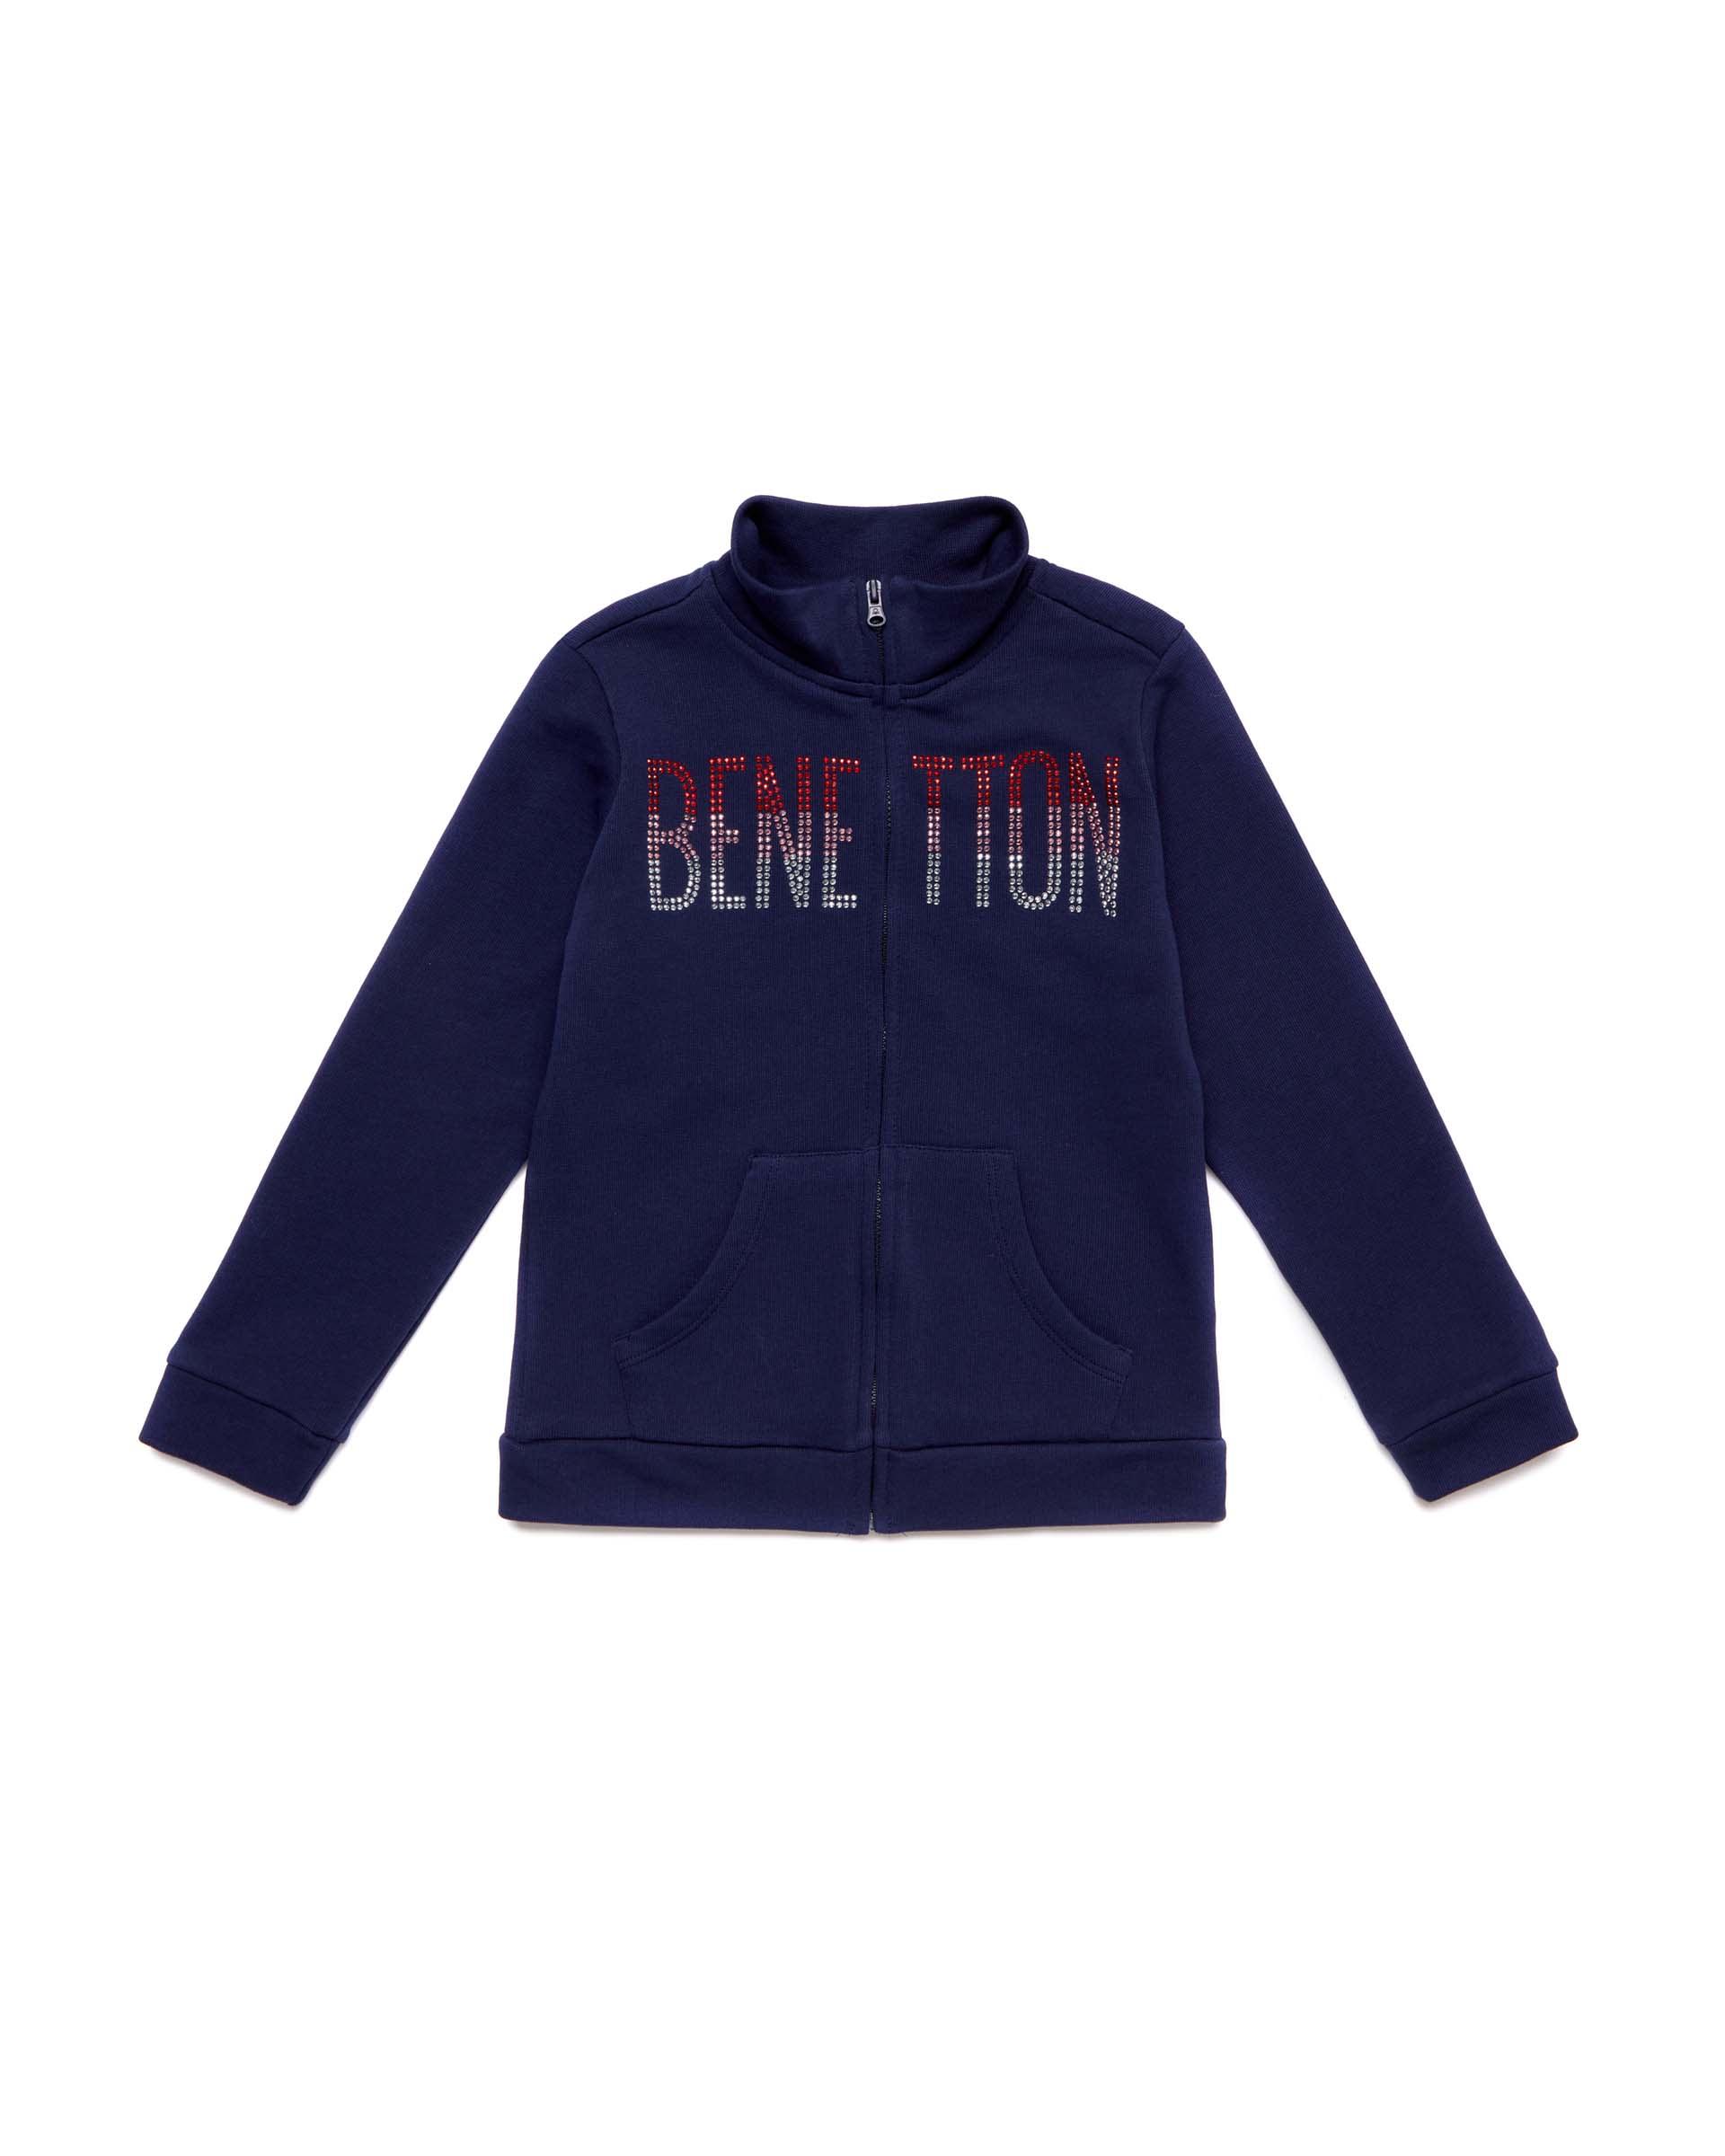 Купить 20P_3J68C5793_252, Толстовка для девочек Benetton 3J68C5793_252 р-р 104, United Colors of Benetton, Толстовки для девочек